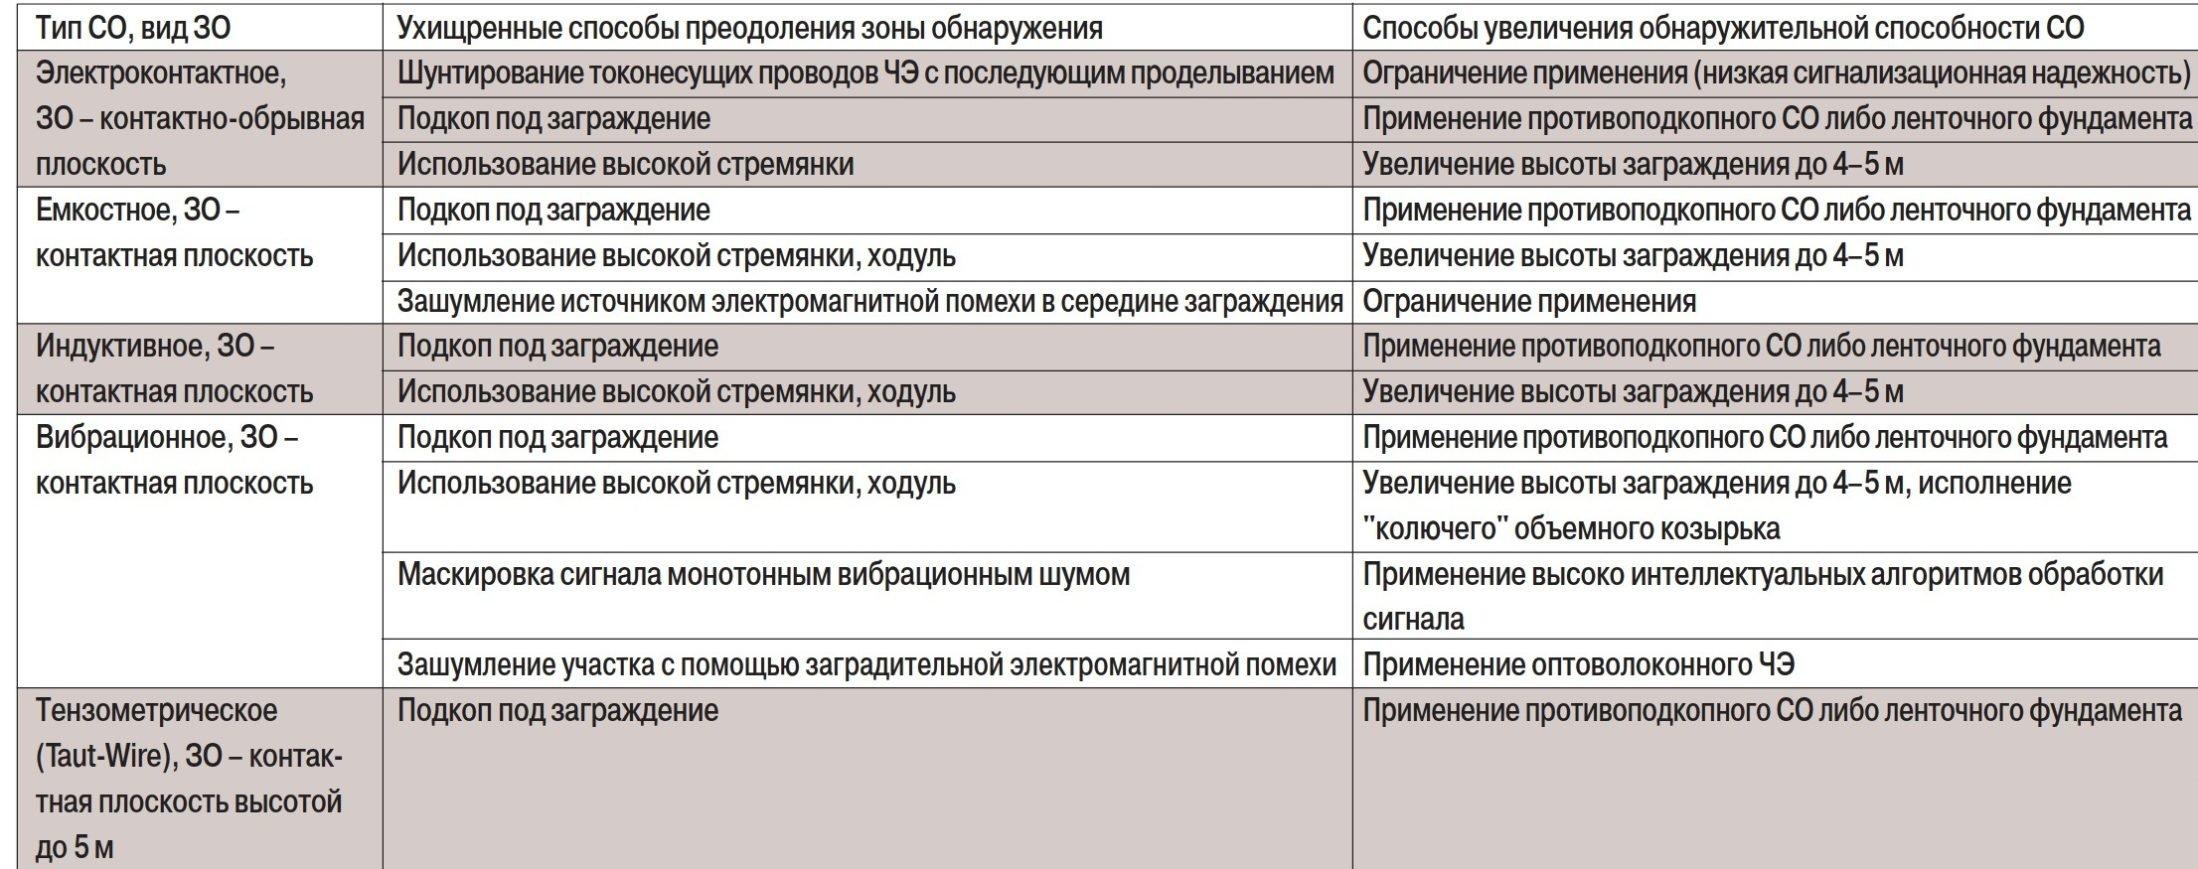 Таблица сигнализационных средств